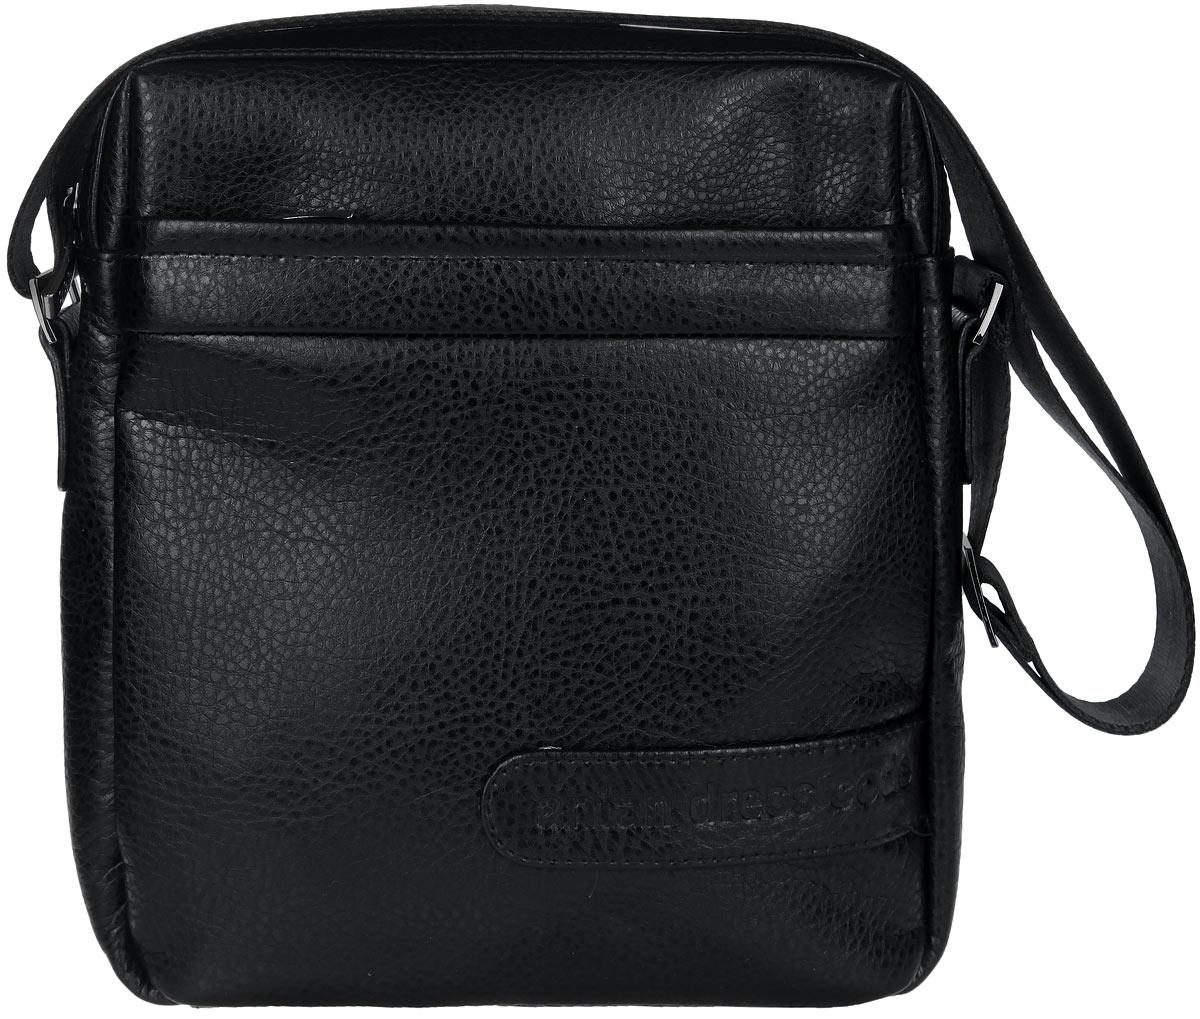 Сумка мужская Antan, цвет: черный. 8-971069с-2Стильная мужская сумка Antan изготовлена из искусственной кожи.Модель имеет одно основное отделение, закрывающееся на застежку-молнию. Внутри имеется прорезной карман на застежке-молнии и два накладных открытых кармана. Снаружи, на передней и задней стенках расположены накладные карманы на застежках-молниях.Изделие оснащено текстильным плечевым ремнем, который регулируется по длине. Сумка Antan поможет вам подчеркнуть чувство стиля и завершить выбранный образ.